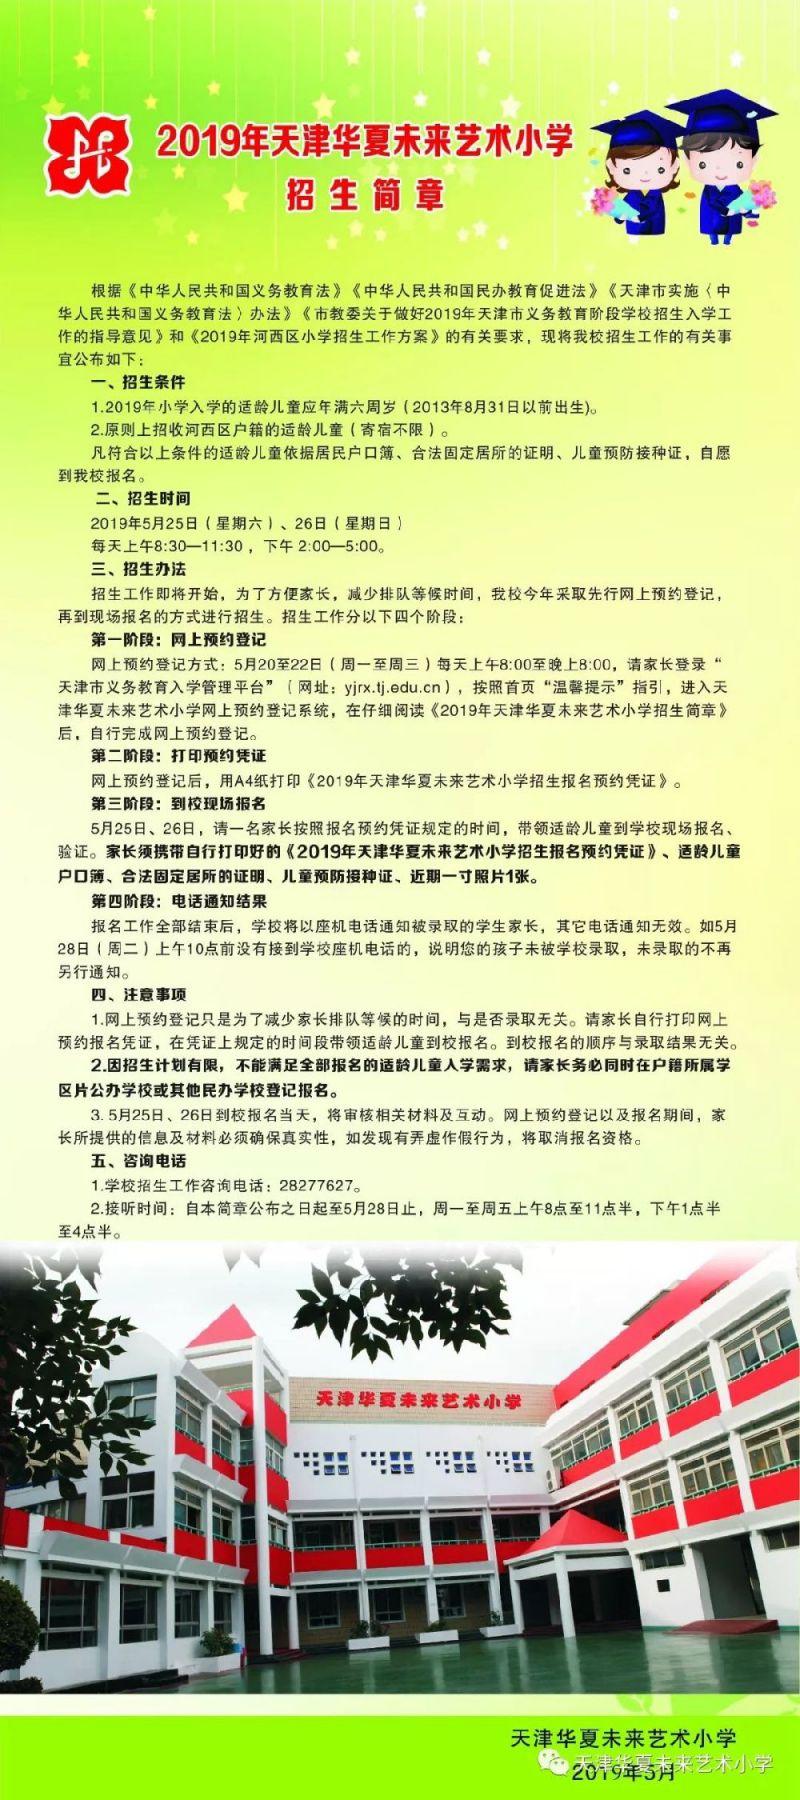 2019年天津市求真小学招生简章